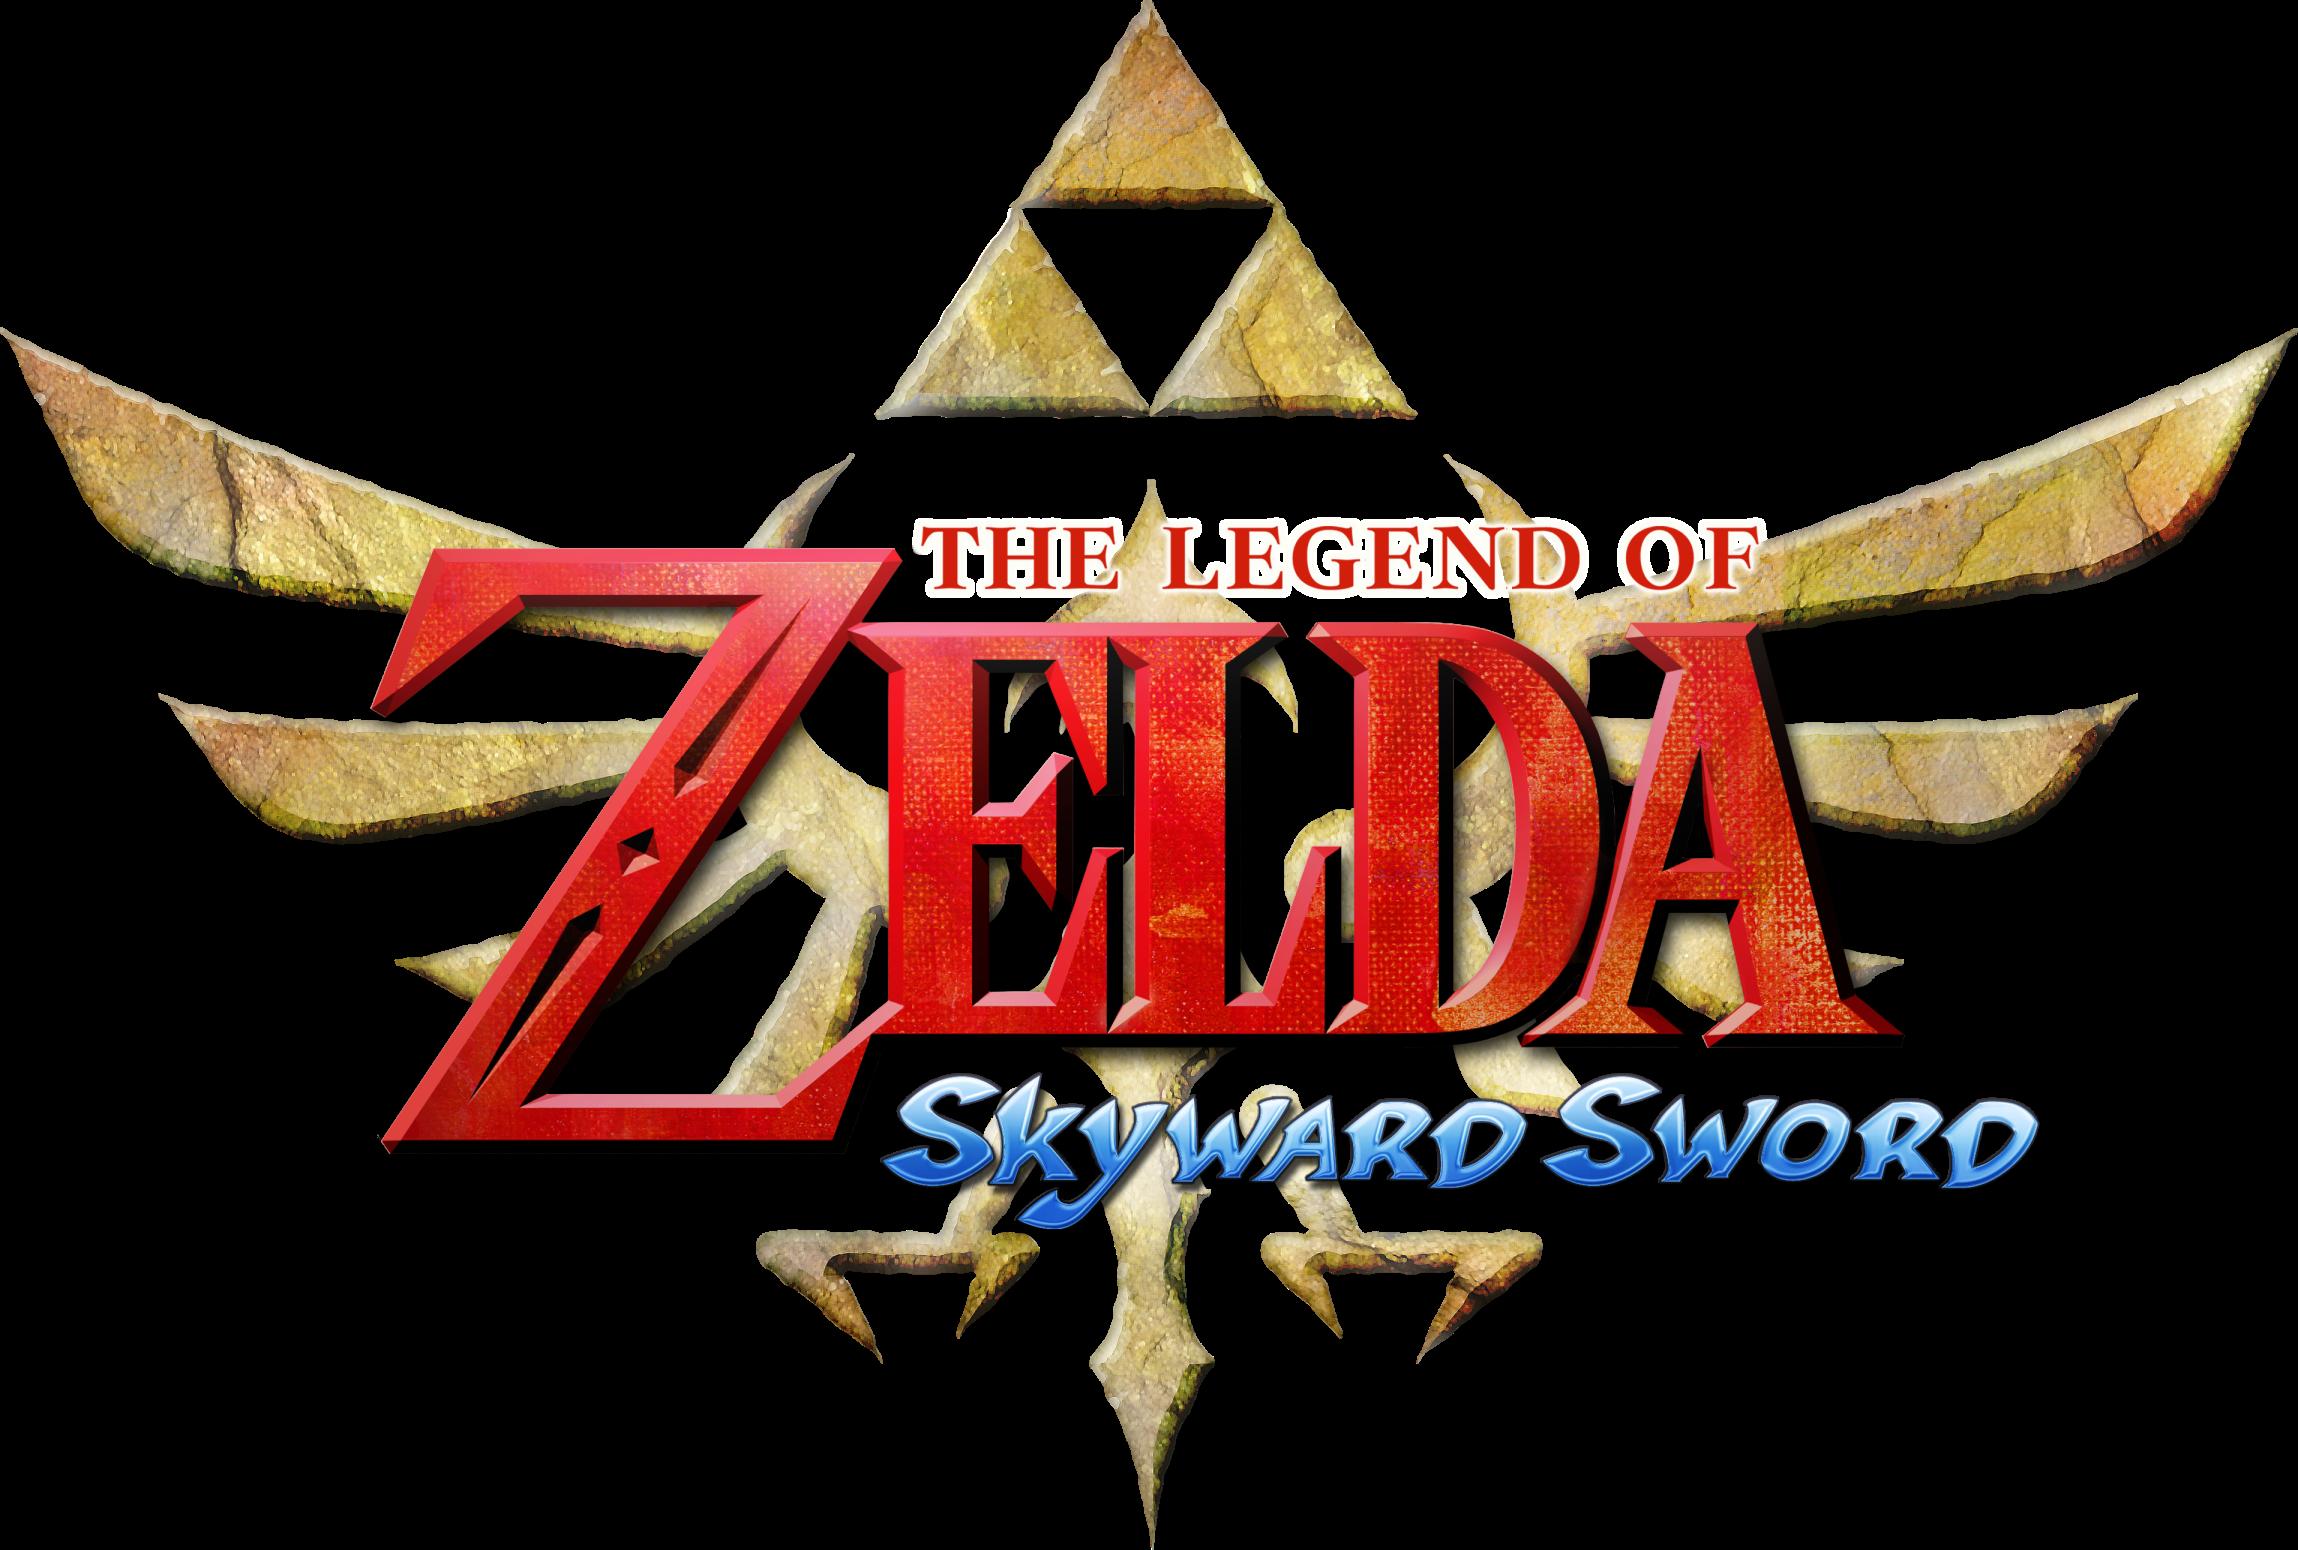 La leyenda de Zelda: Skyward Sword - Logo